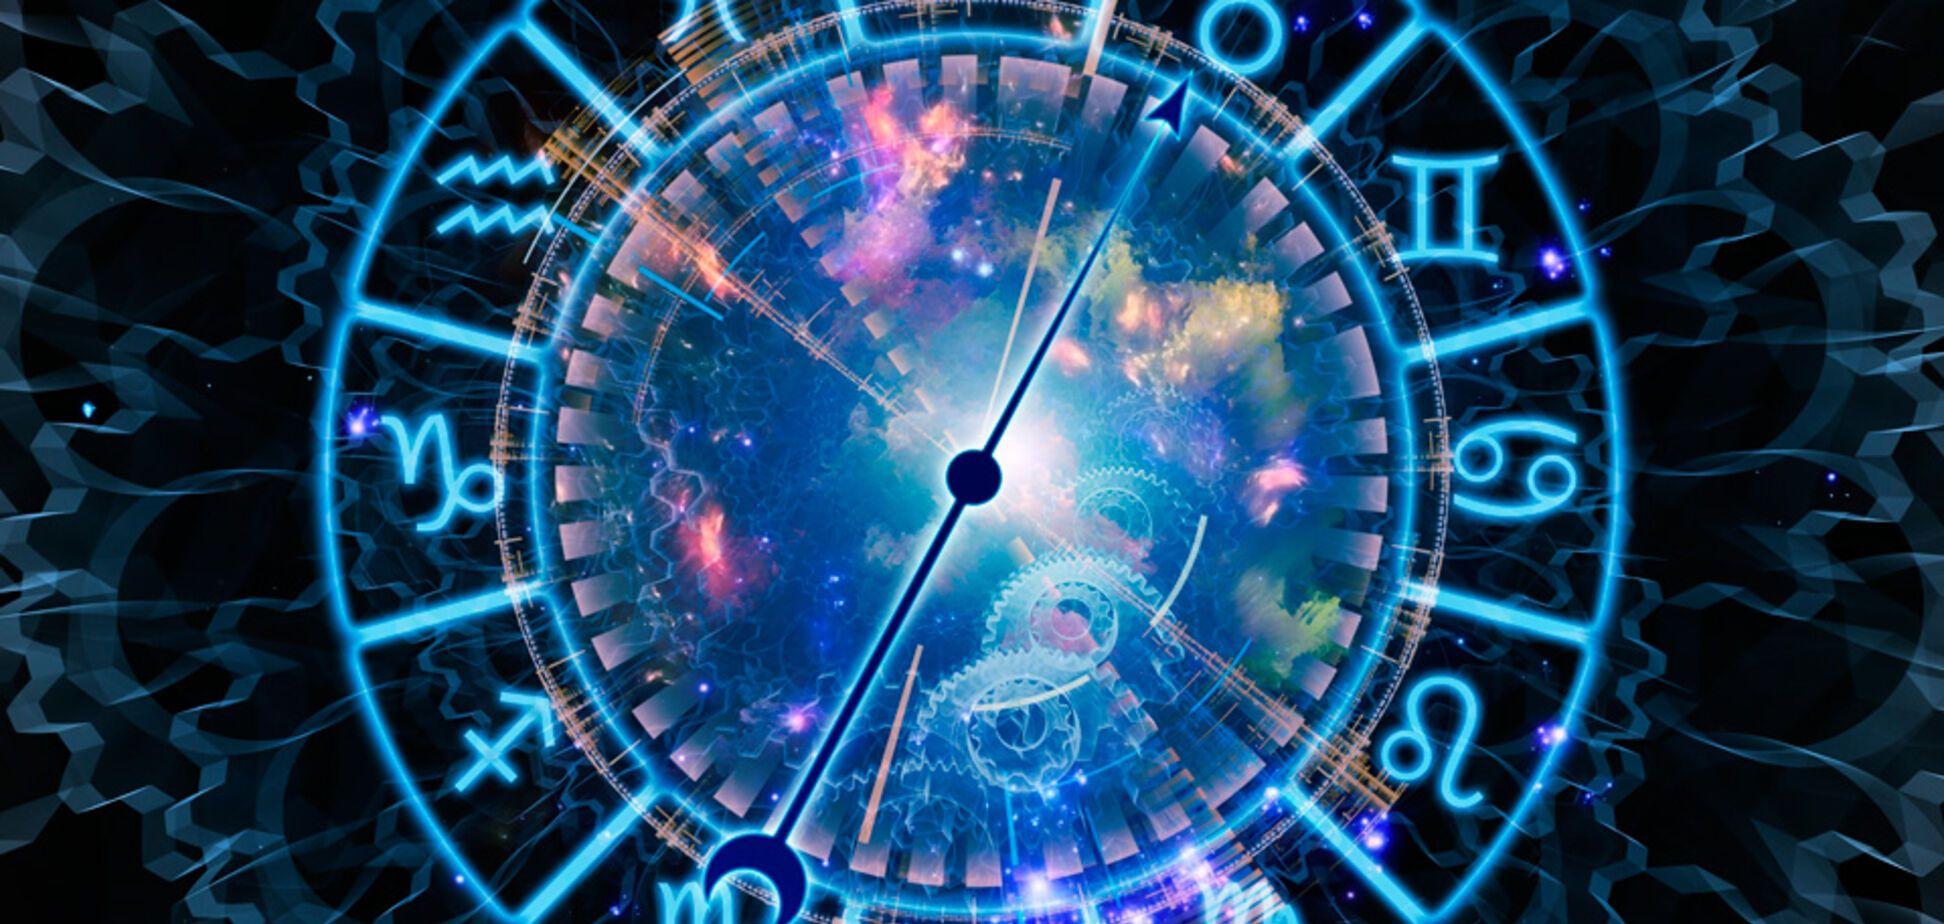 Гороскоп на 16 июля 2018: как провести этот день